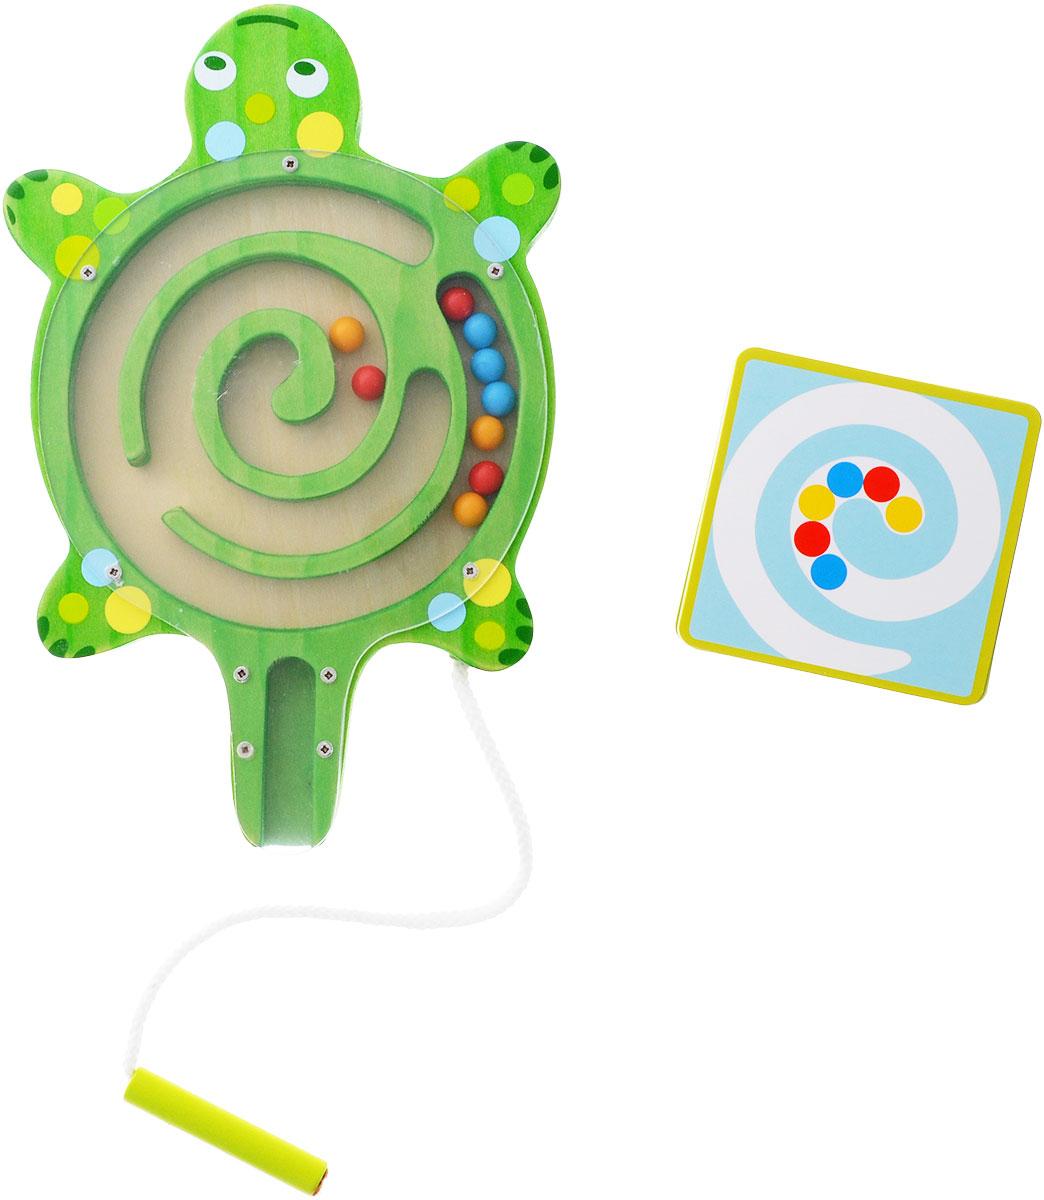 Djeco Развивающая игрушка Лабиринт Черепаха01690Развивающая игрушка Djeco Лабиринт. Черепаха - увлекательная головоломка в виде милой черепашки для детей возраста от трех лет. В наборе имеется 12 карточек с заданиями, согласно которым ребенок должен расположить шарики в черепашке таким же образом. Располагать шарики ребенок будет с помощью магнитной палочки. Игра прекрасно развивает детскую моторику, логическое мышление и сообразительность. Набор изготовлен из безопасных высококачественных материалов.